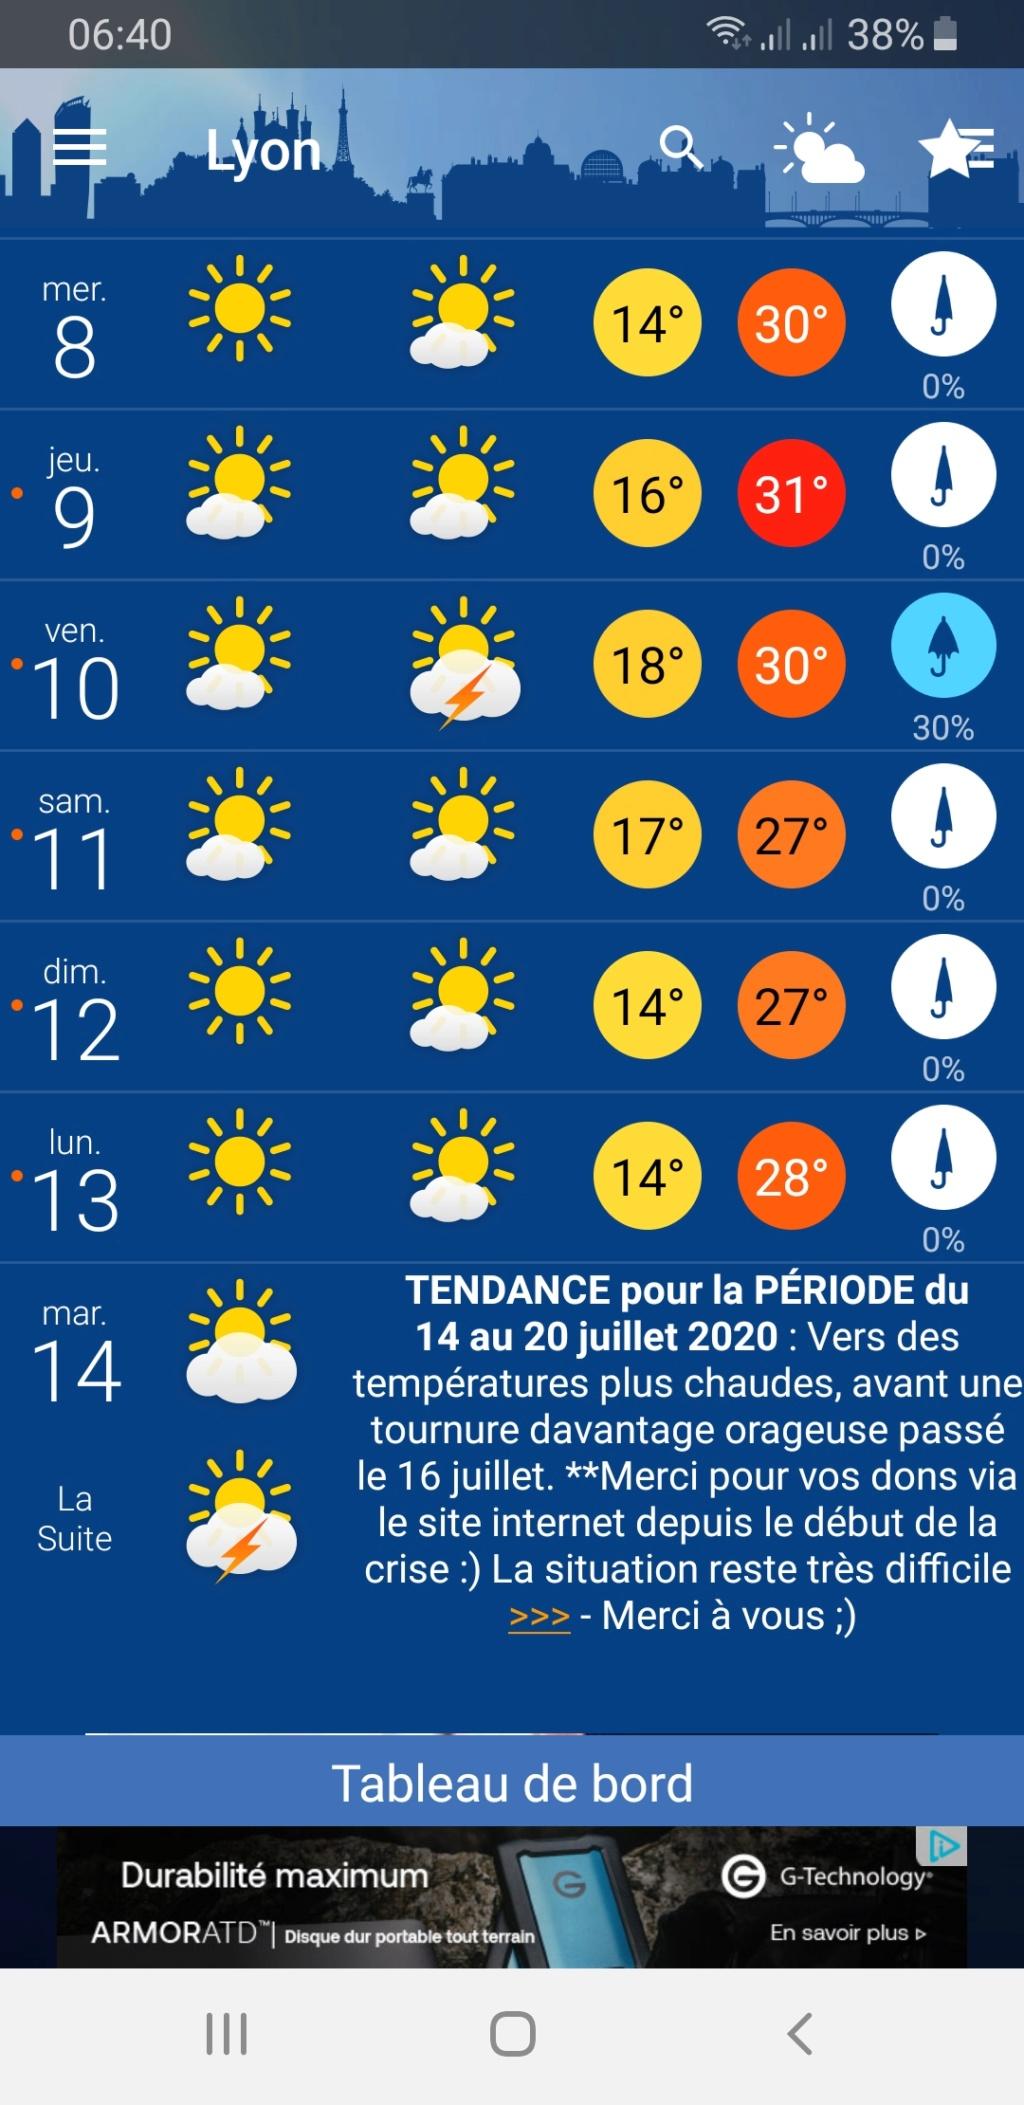 [VISUE] Lyon & Auvergne 3 jours. 11/07 au 13/07 Scree194